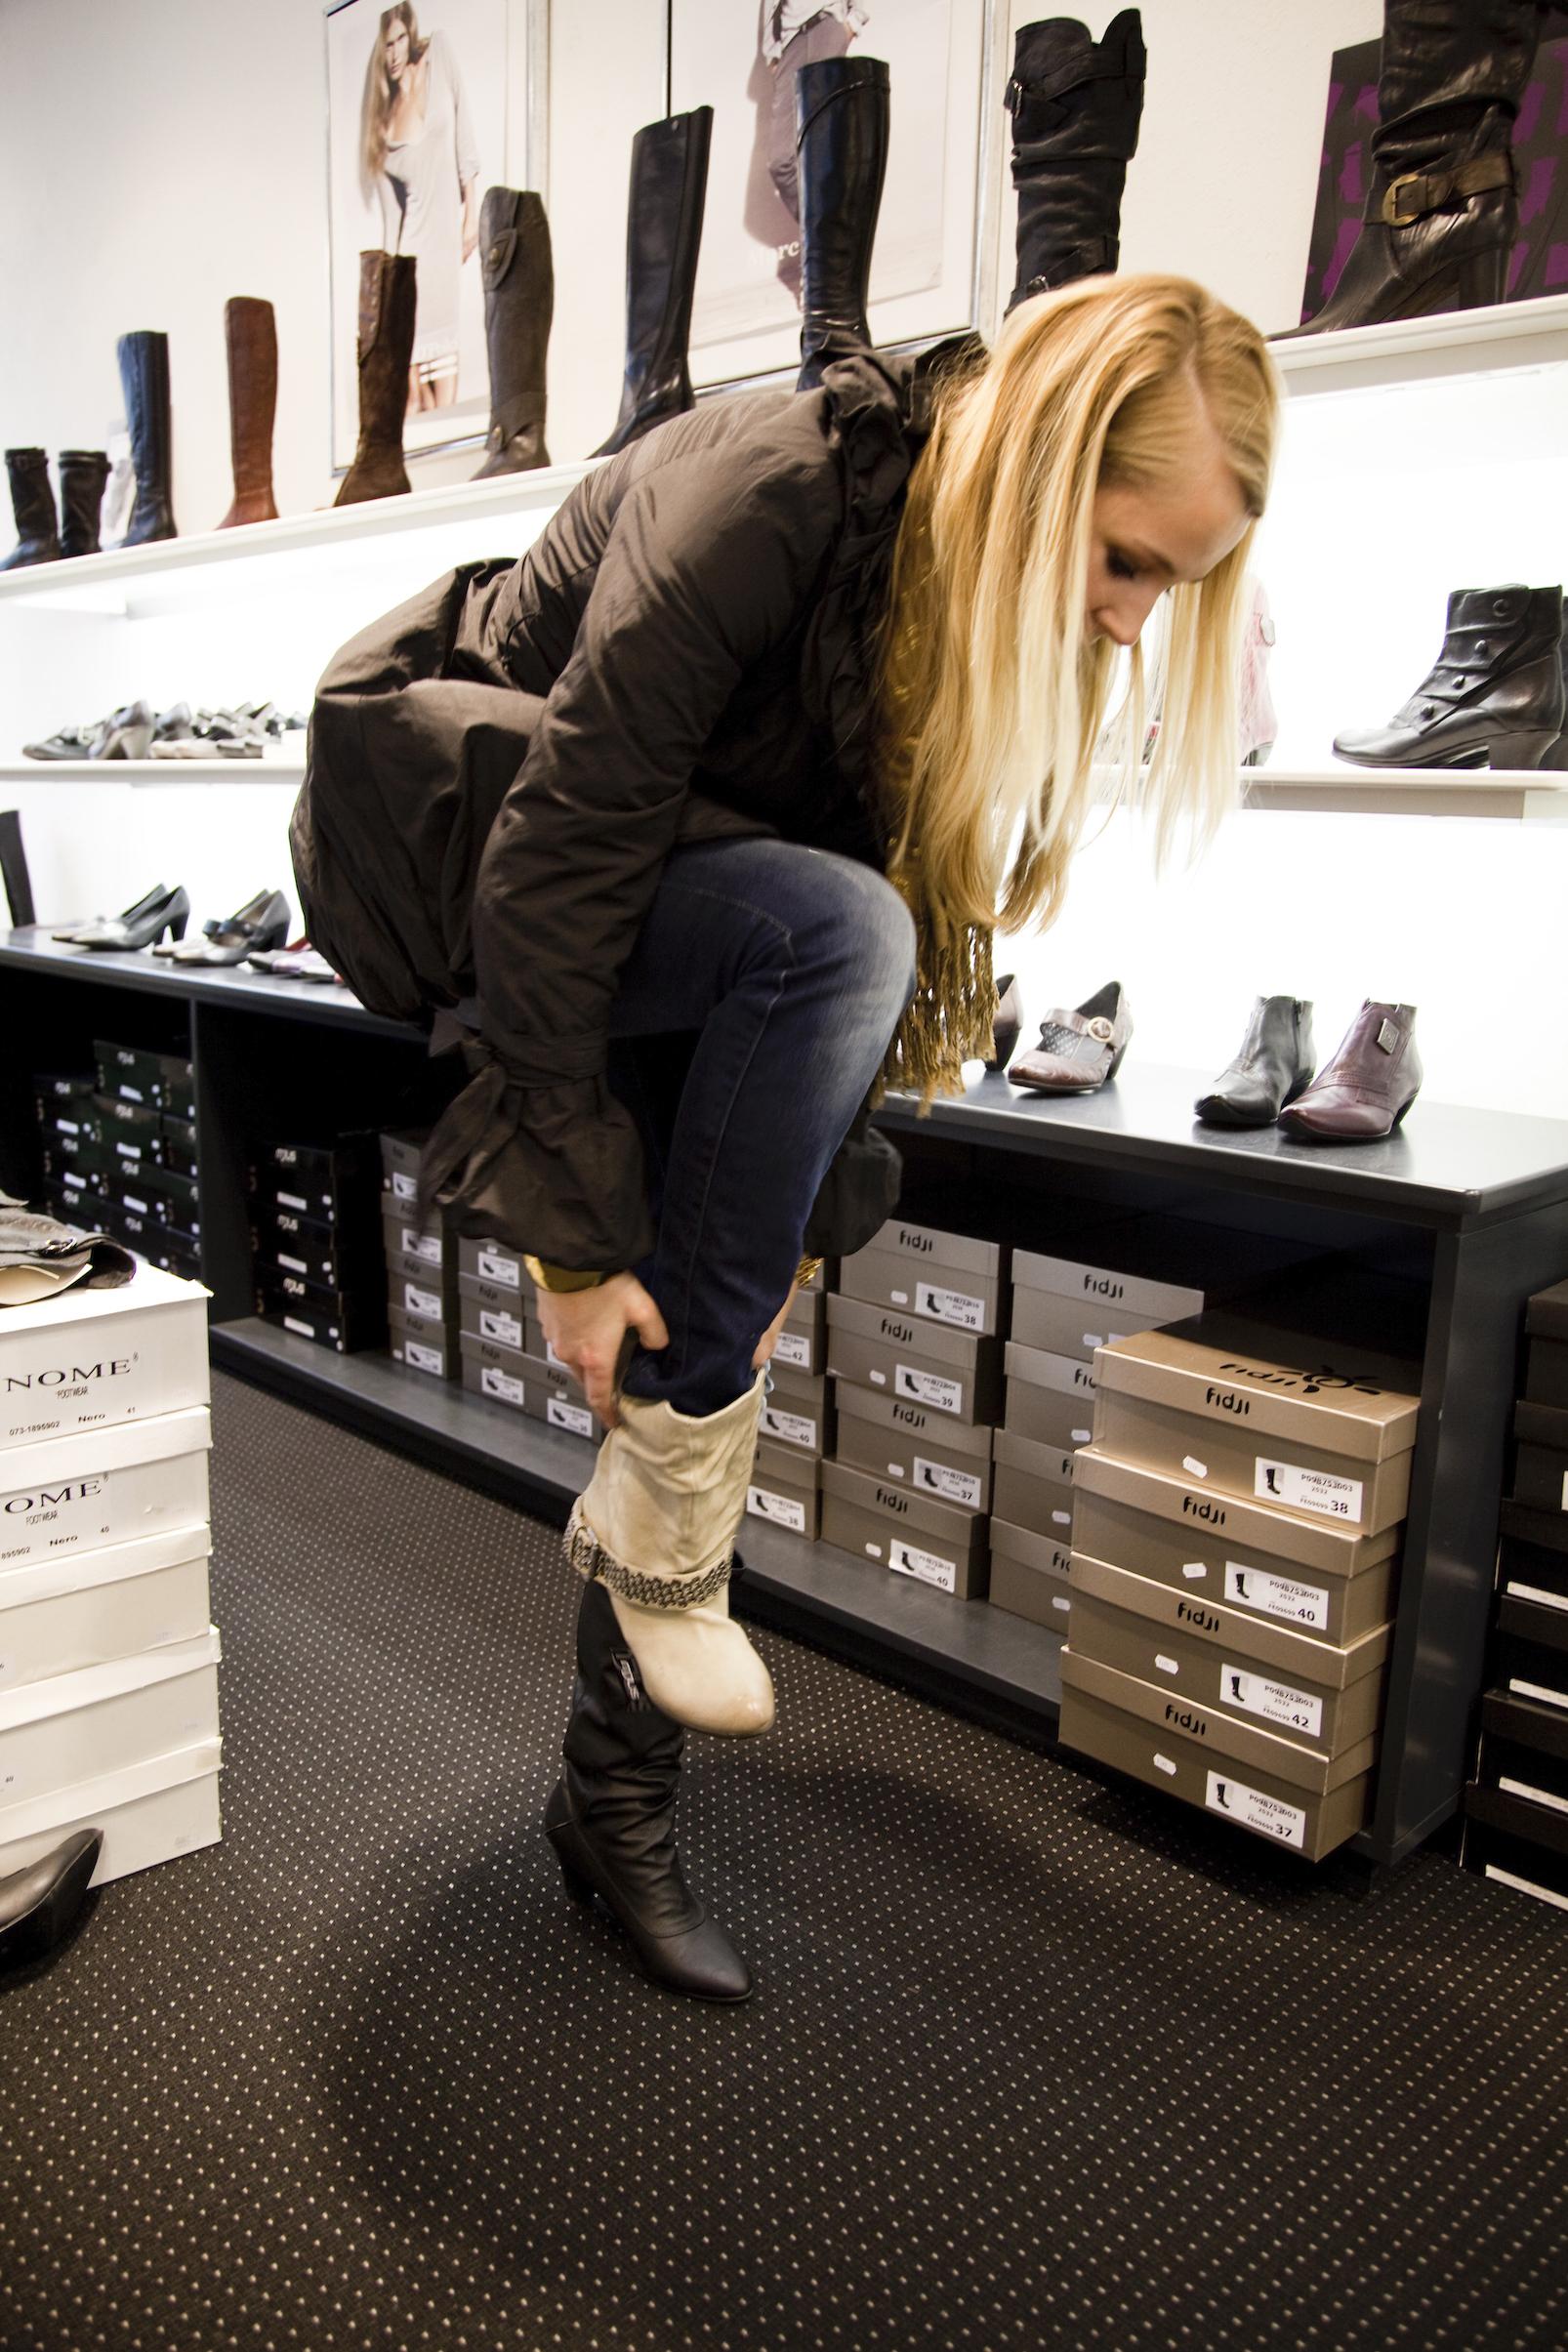 Schoenen kopen? Deze 7 tips komen zeker van pas